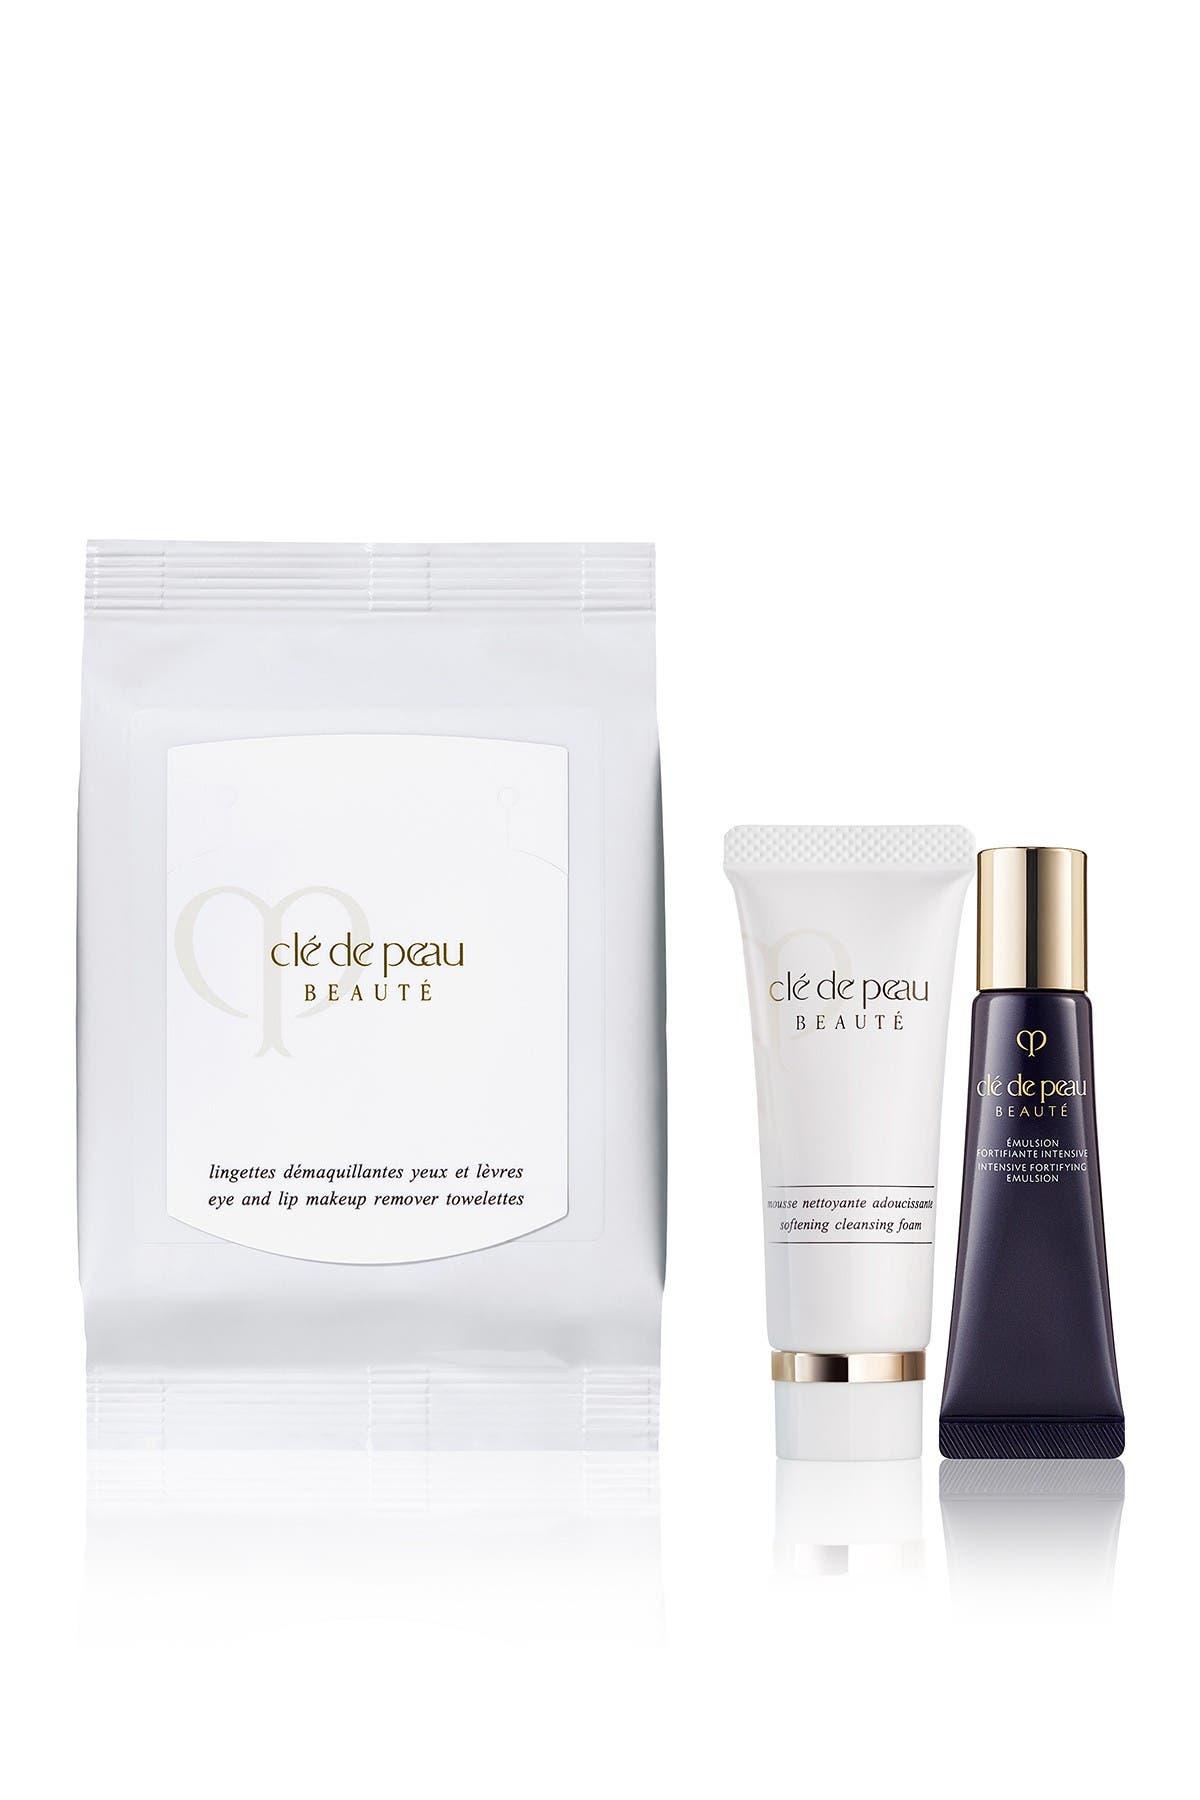 Image of CLE DE PEAU Beauté Eye and Lip Makeup Remover Towelettes Set